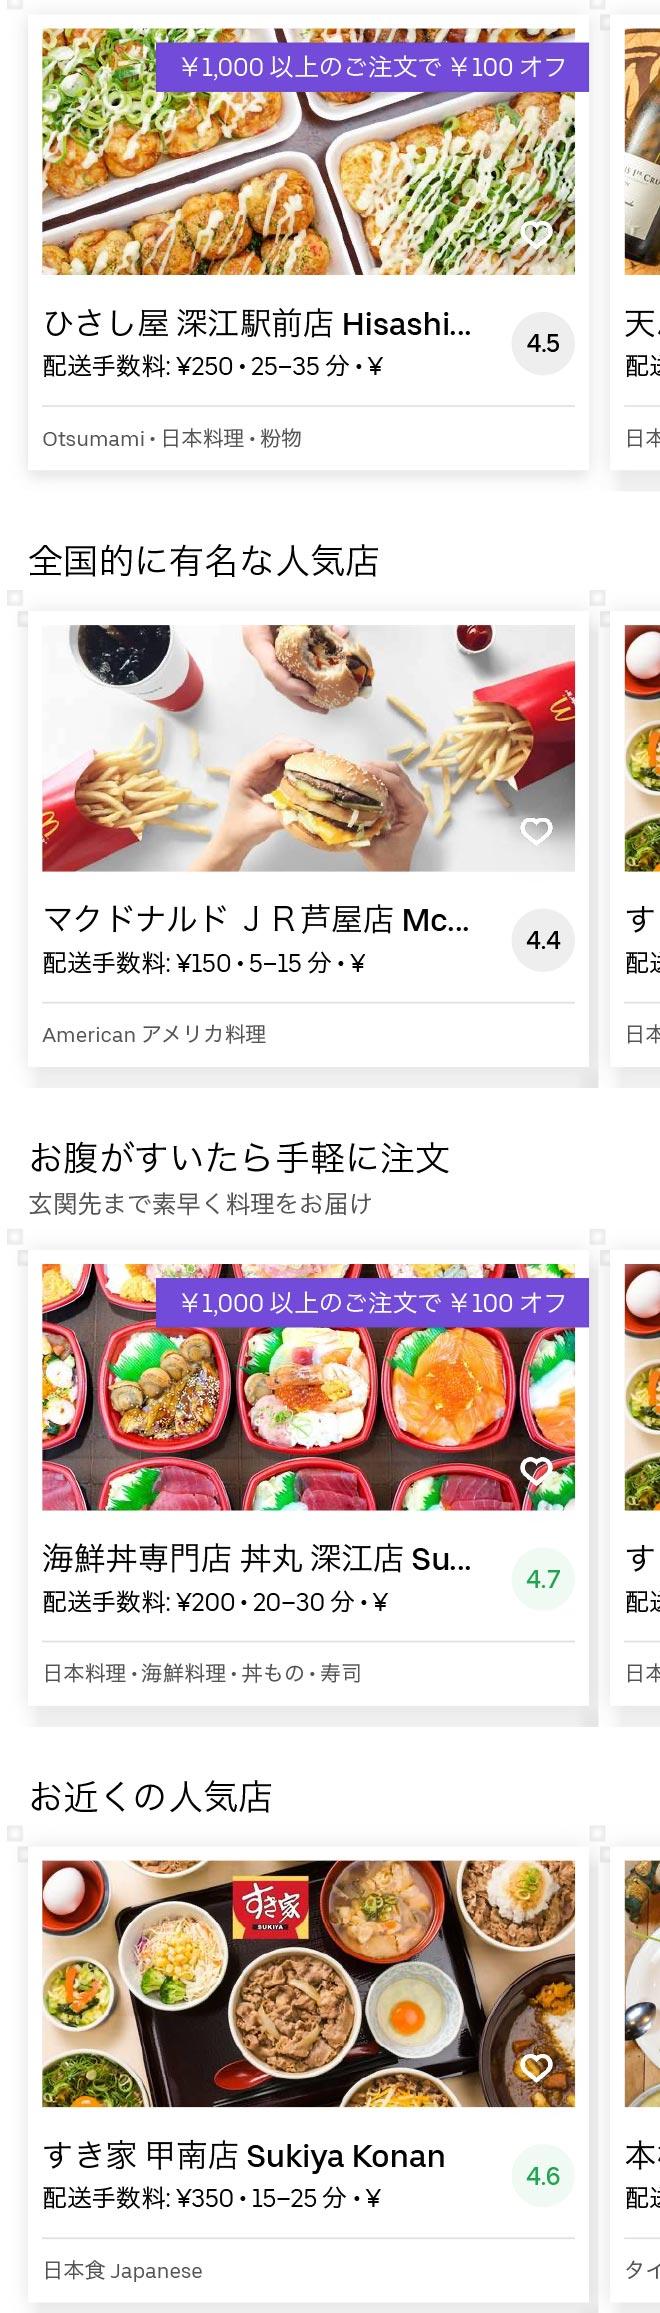 Hyogo ashiya menu 2005 01